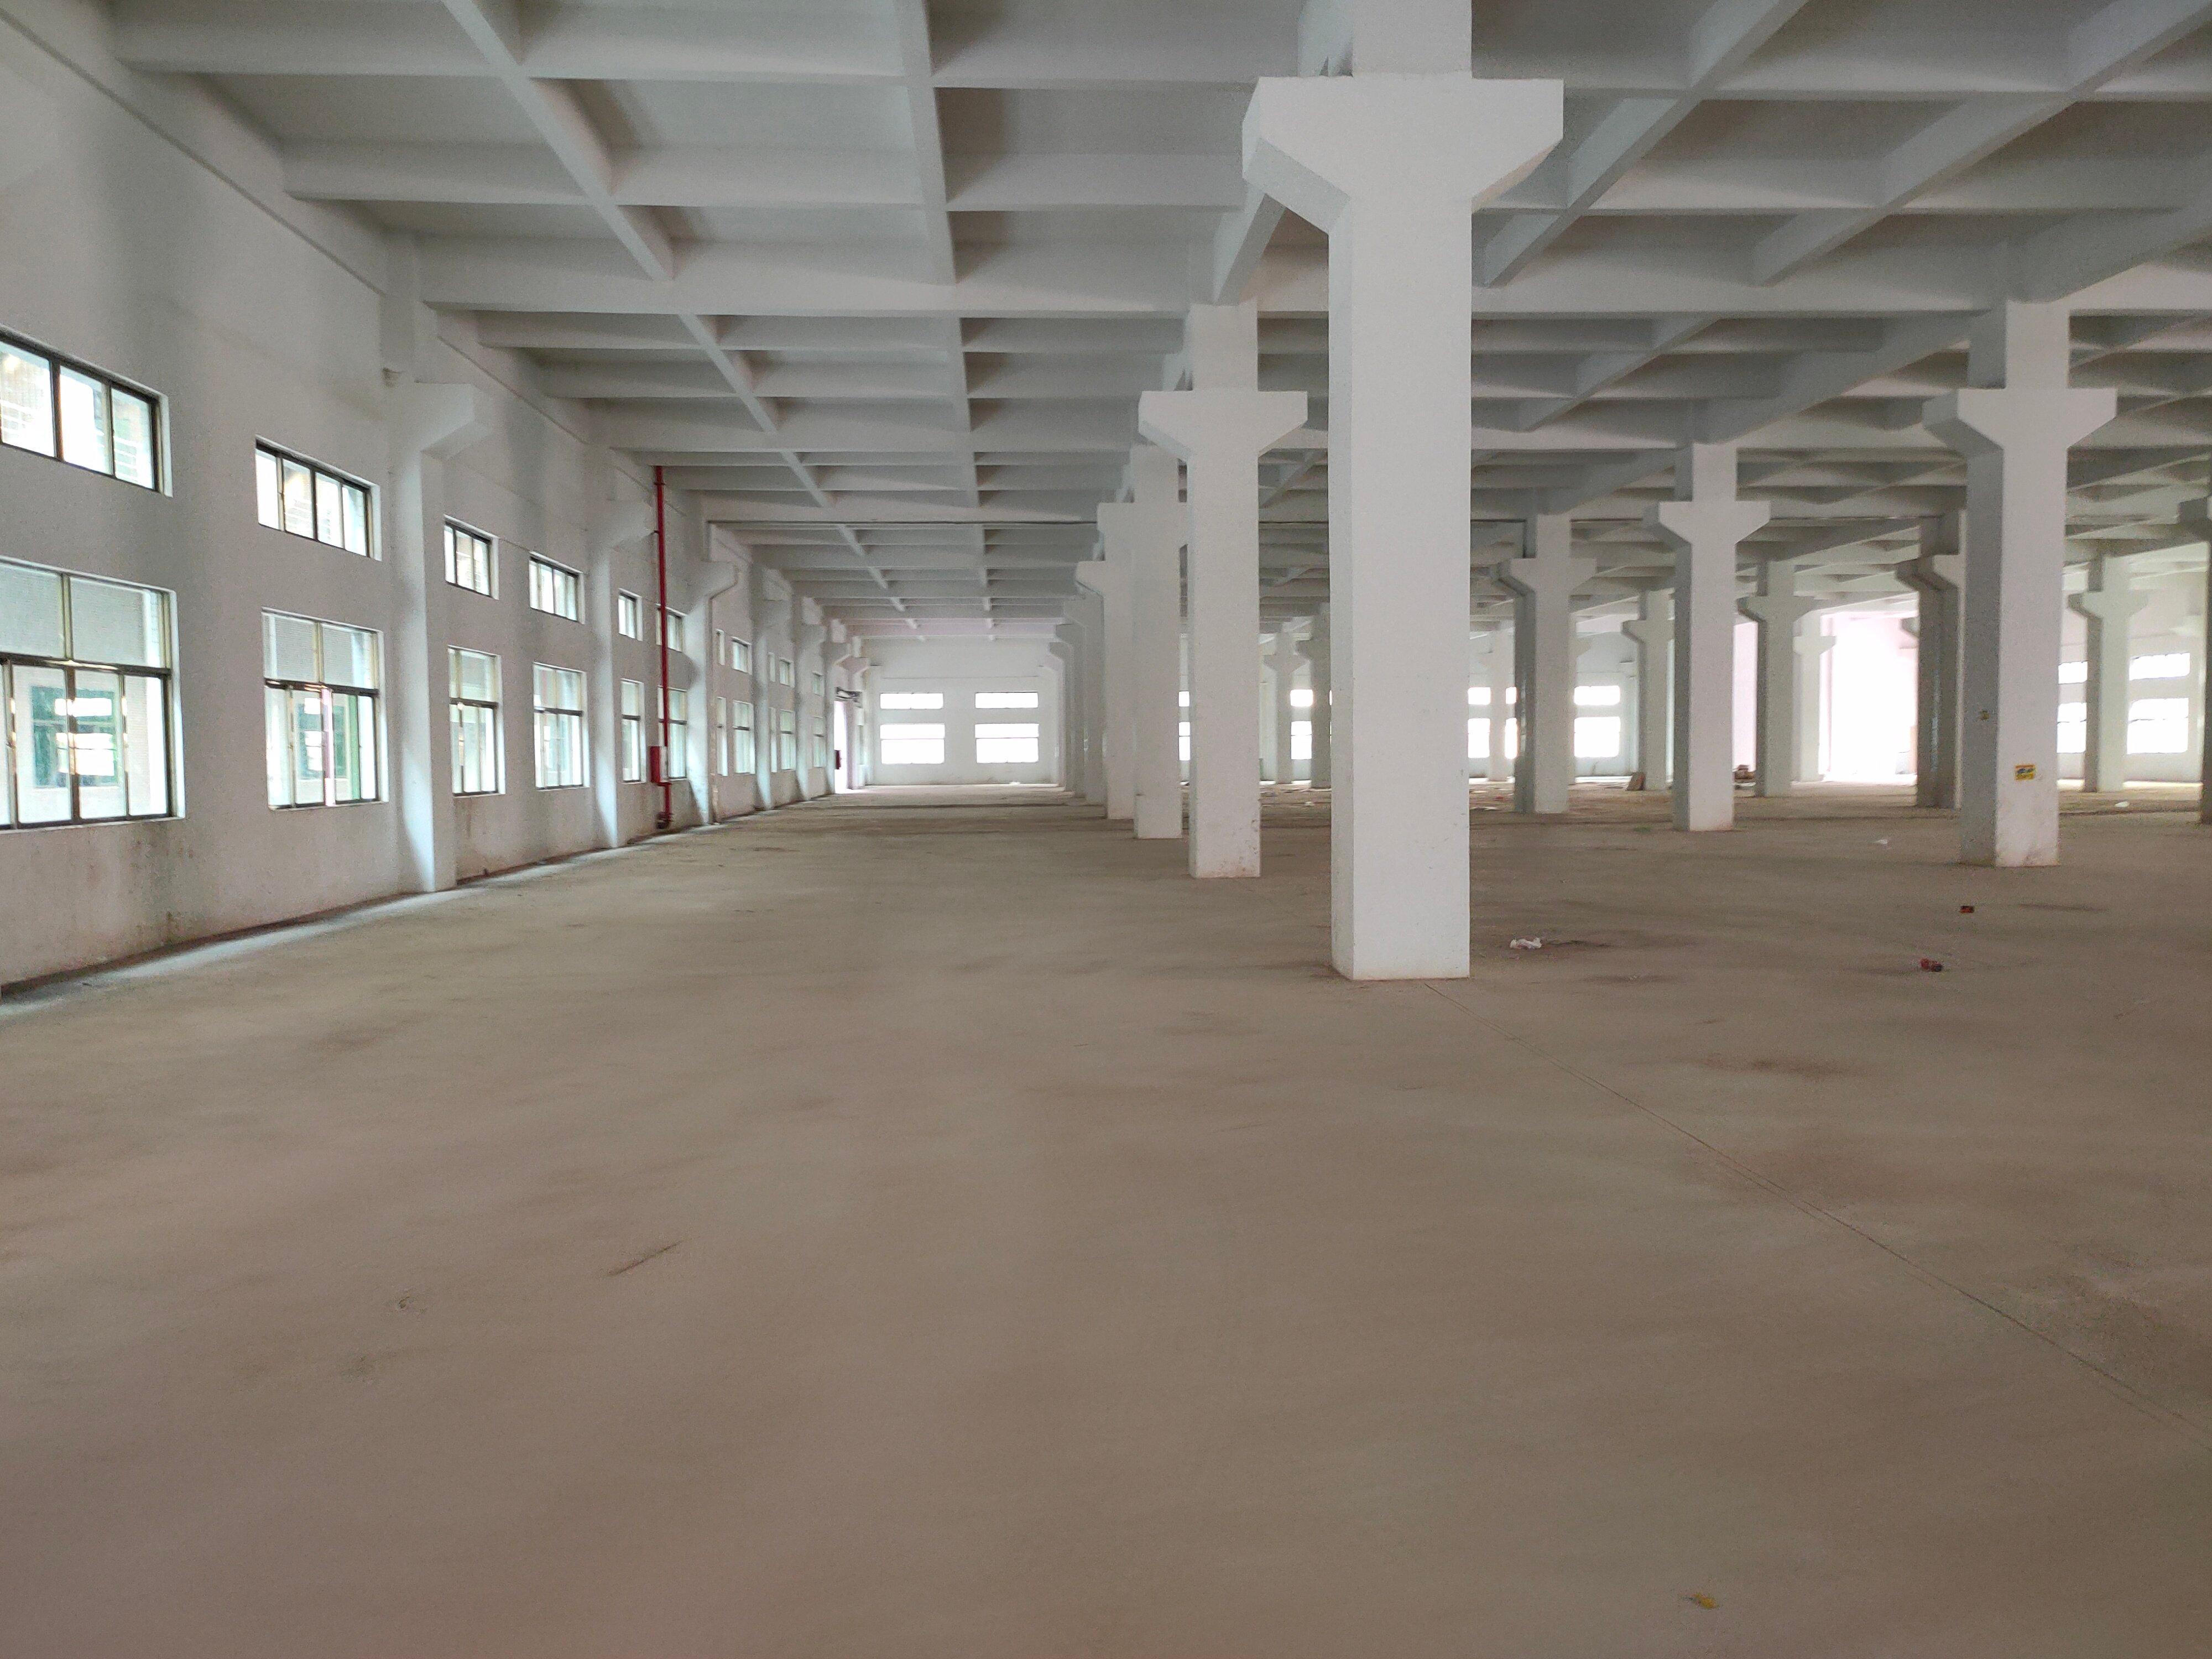 原房东高速路口一楼层高10米标准厂房6500平方米招租